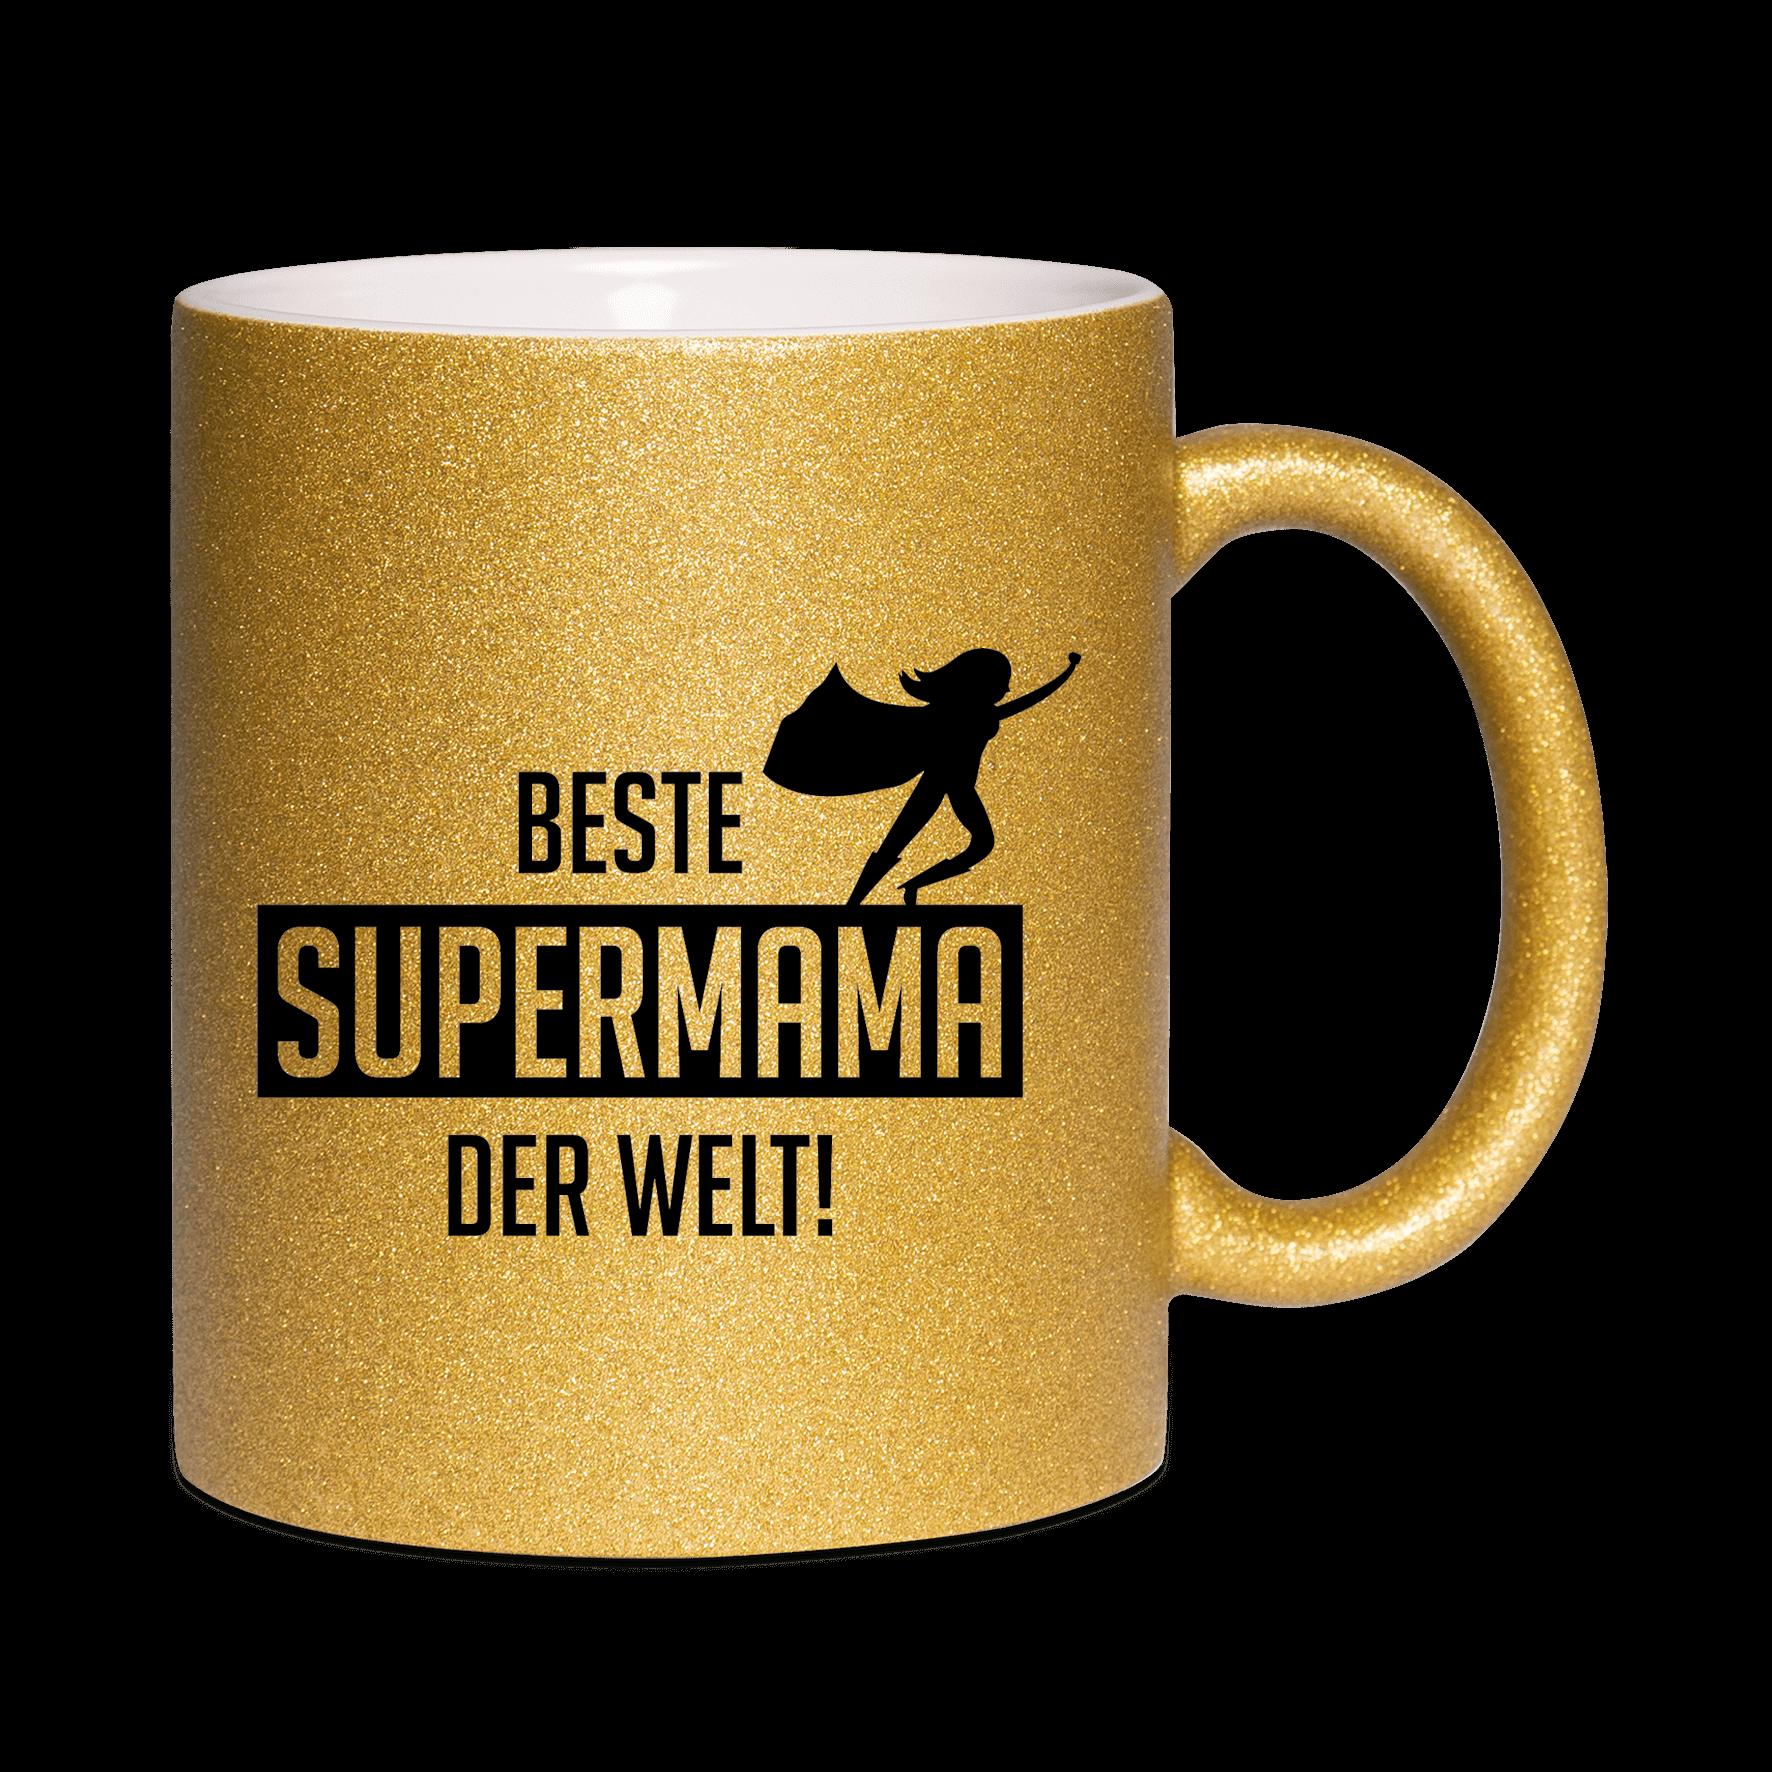 Beste Supermama der Welt